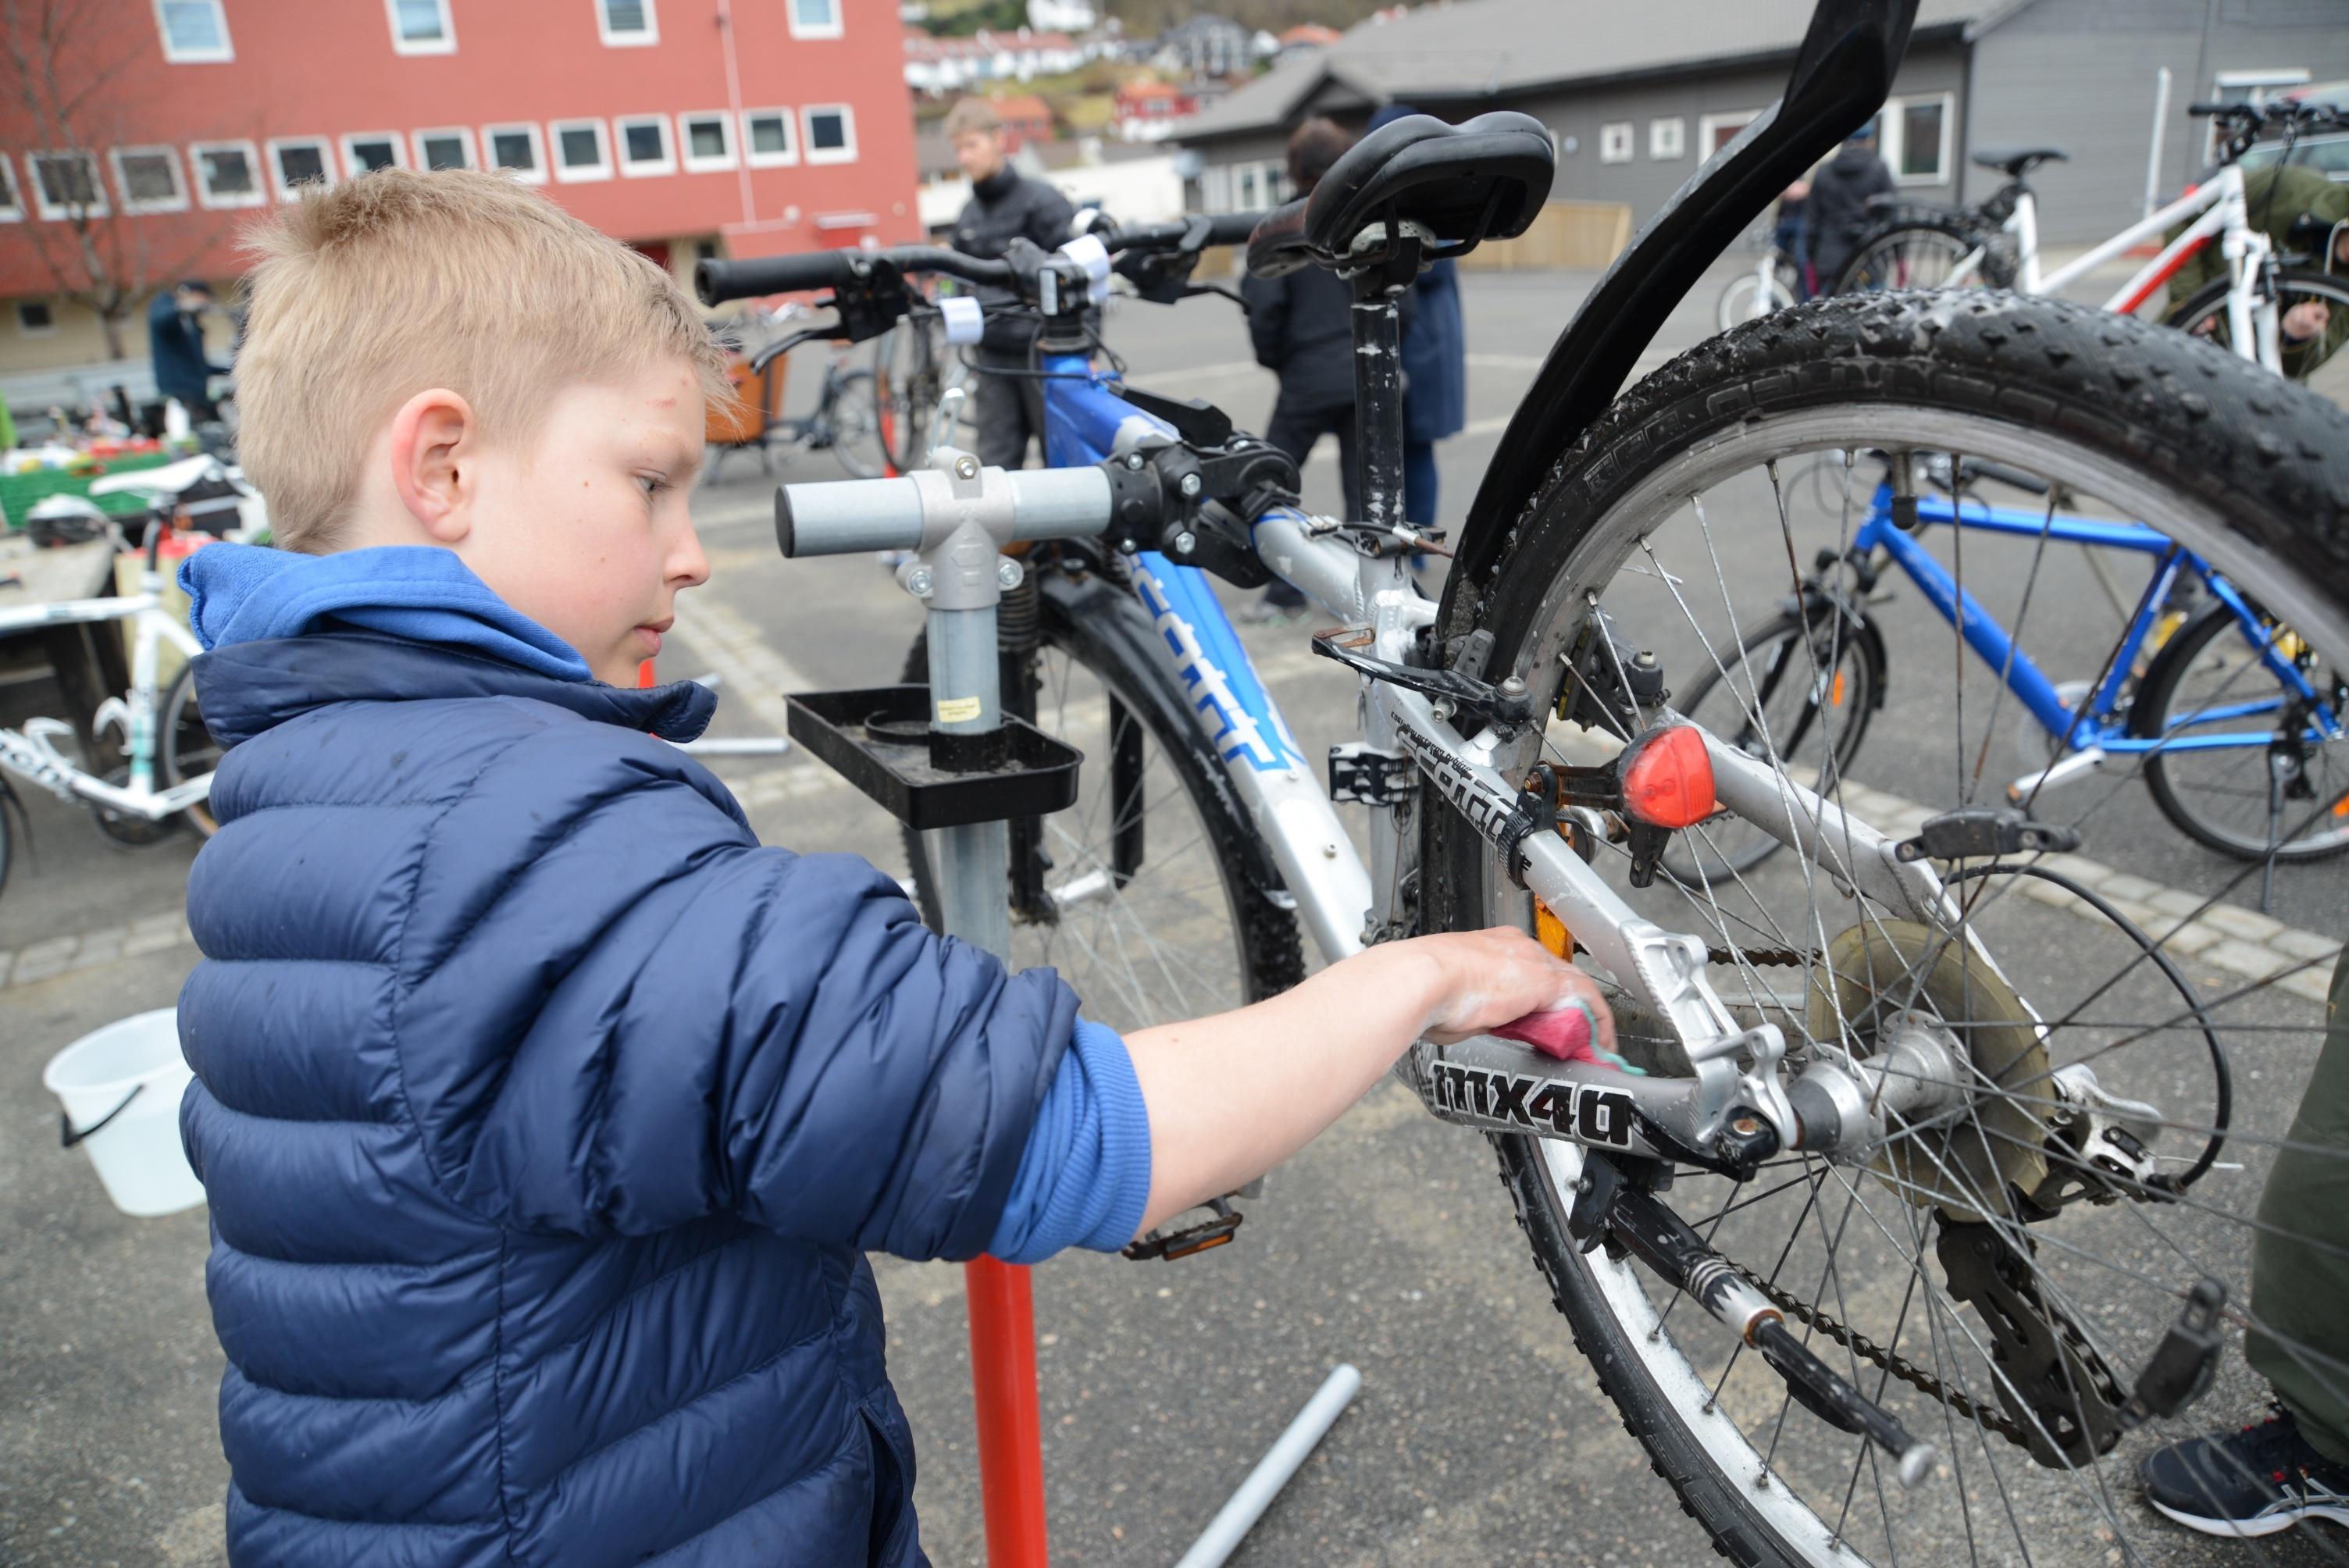 Sykkelpuss har blitt en årlig tradisjon. Det er en kjekk plass å lære litt om å skru og justere på sykkelen. Dessuten går vasken unna sammen med andre!